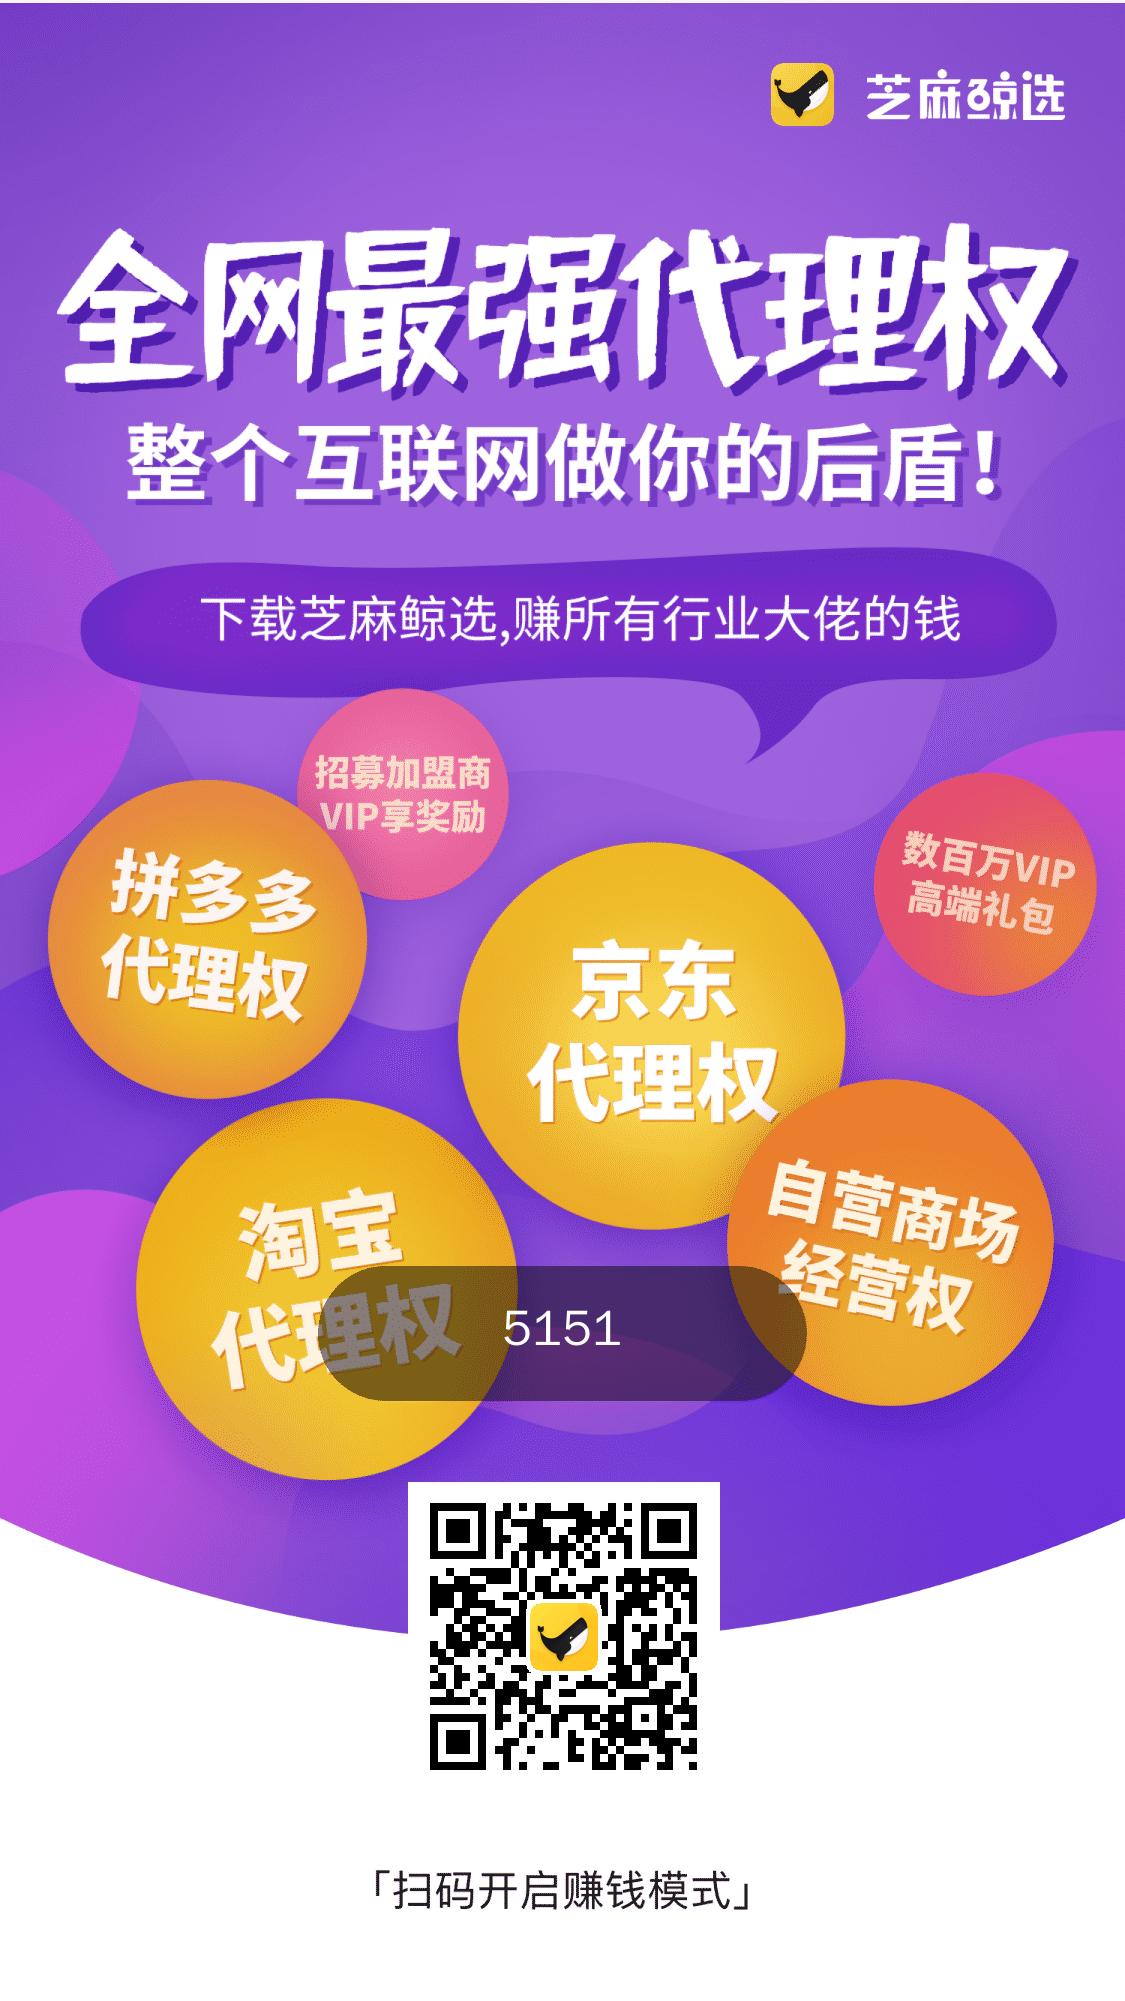 免费注册下载芝麻鲸选app